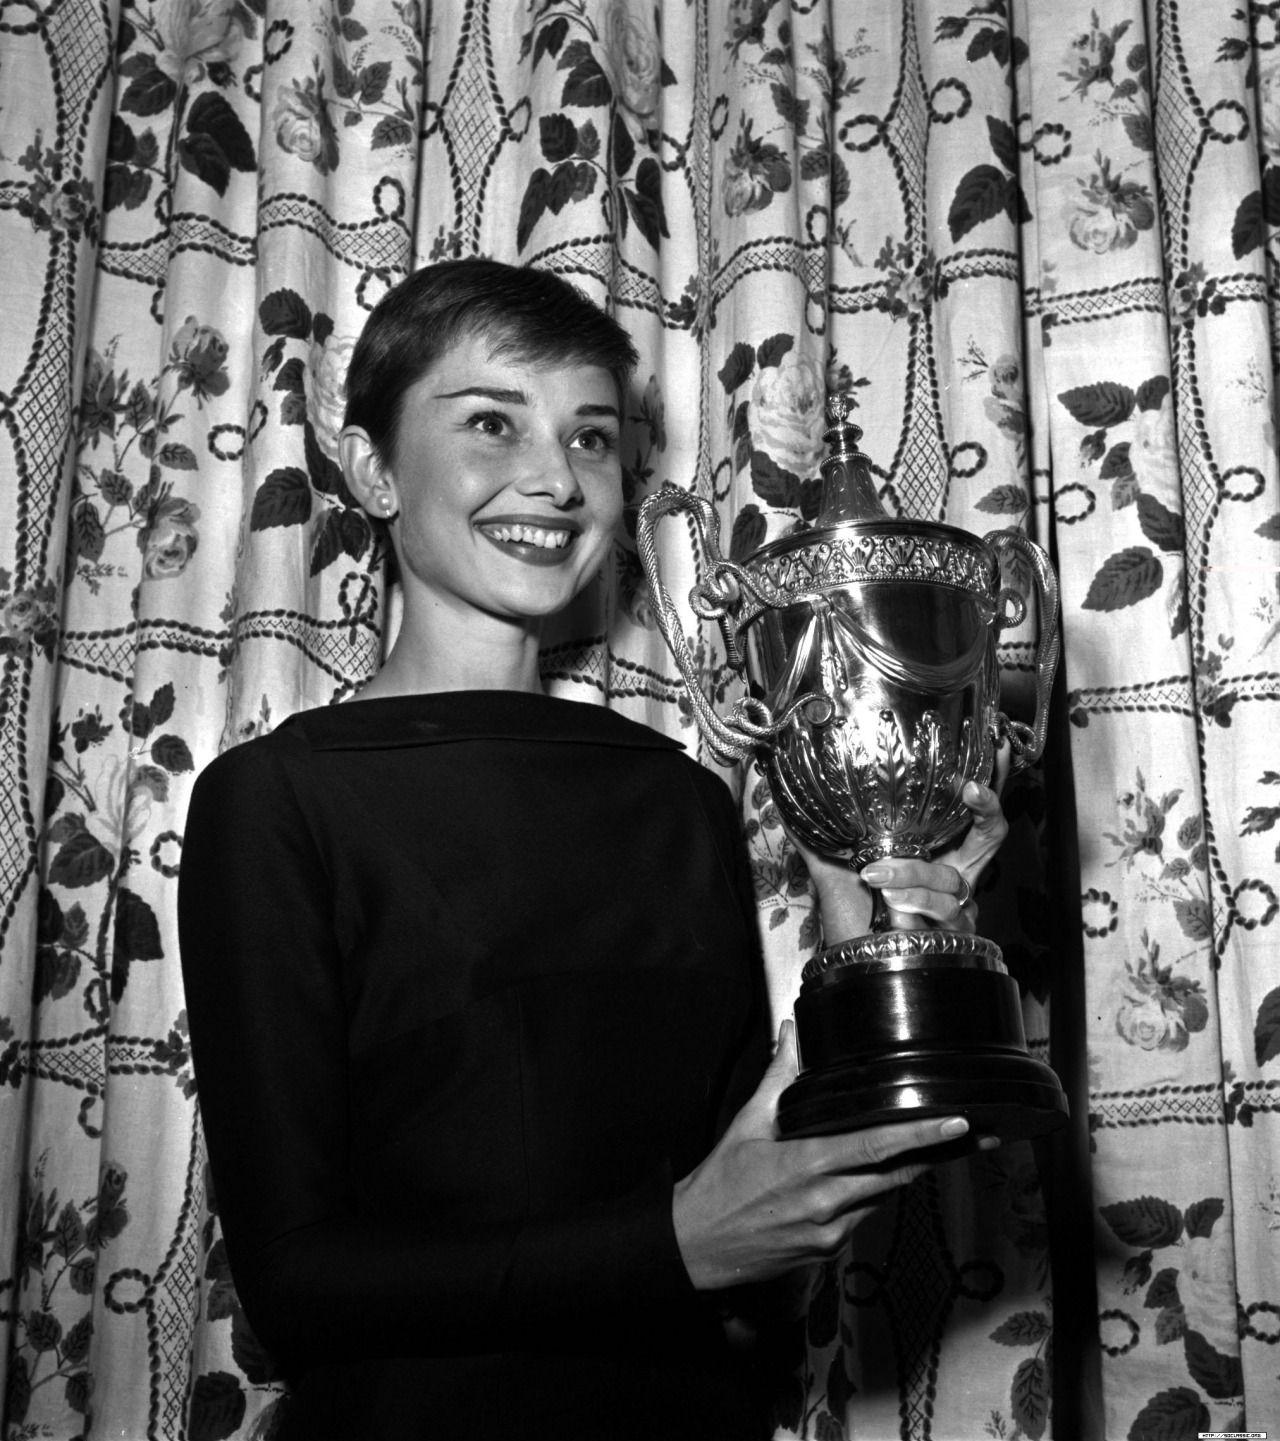 Audrey Hepburn, one of her Awards